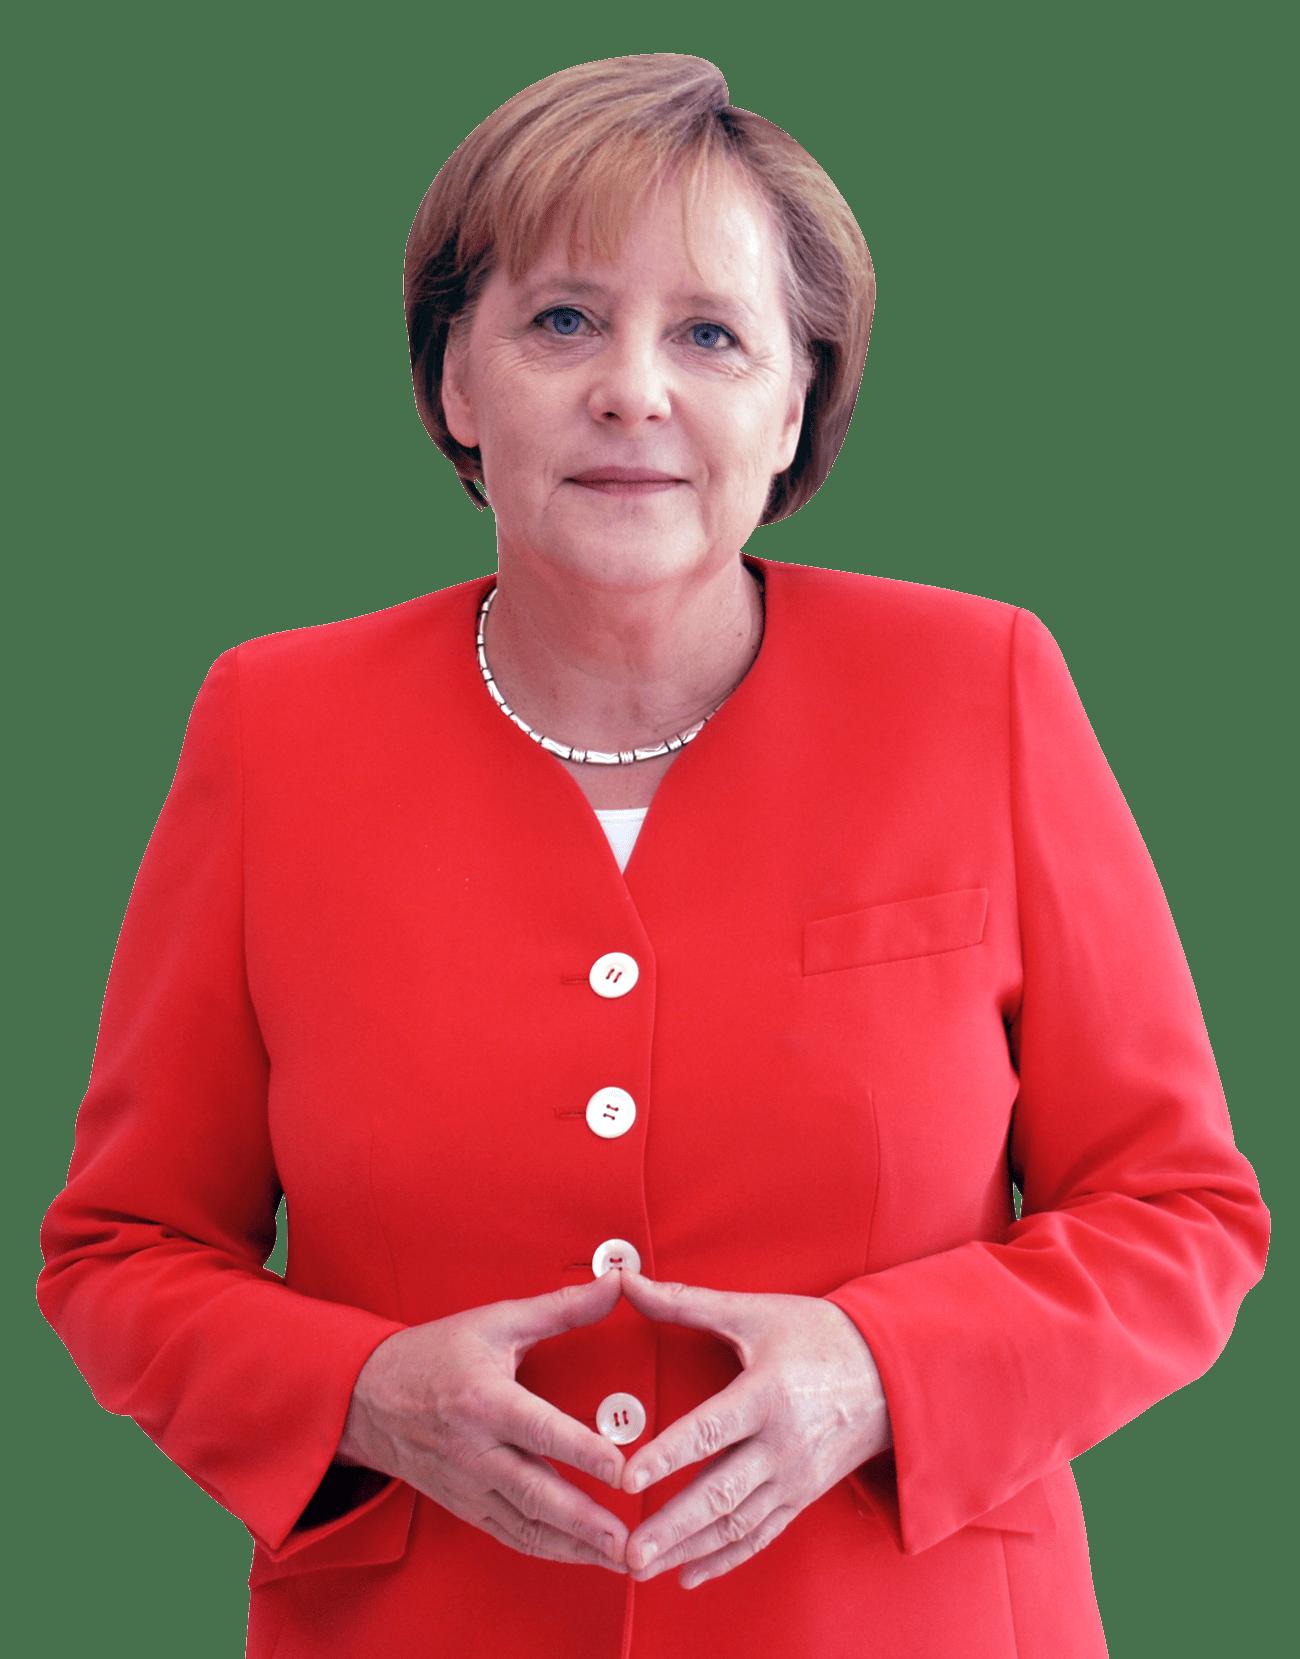 Ангела Меркель - политика, люди, Германия